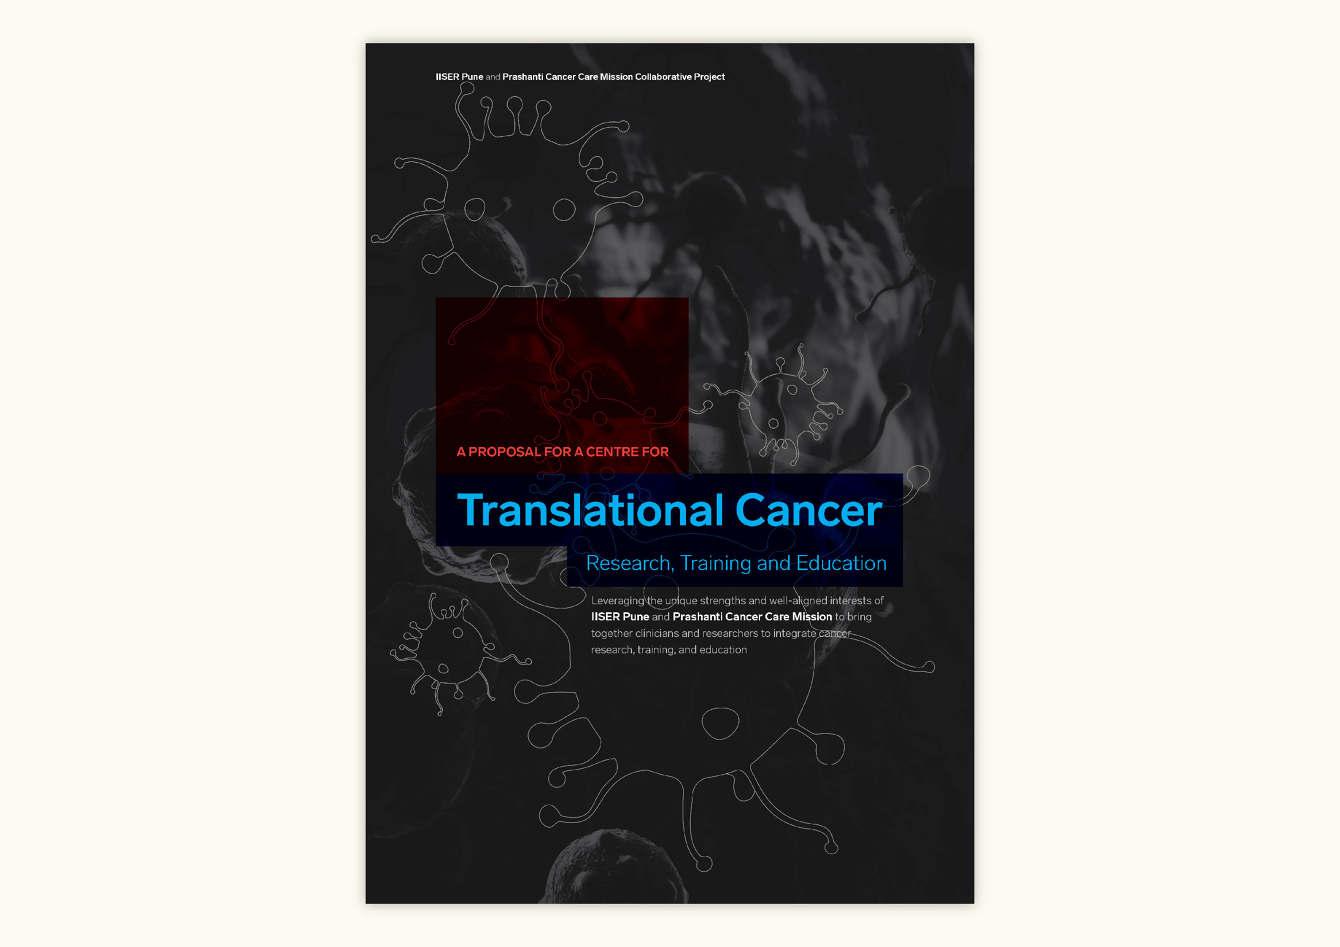 Translational-Cancer-Centre-Brochure-02_1340_c.jpg